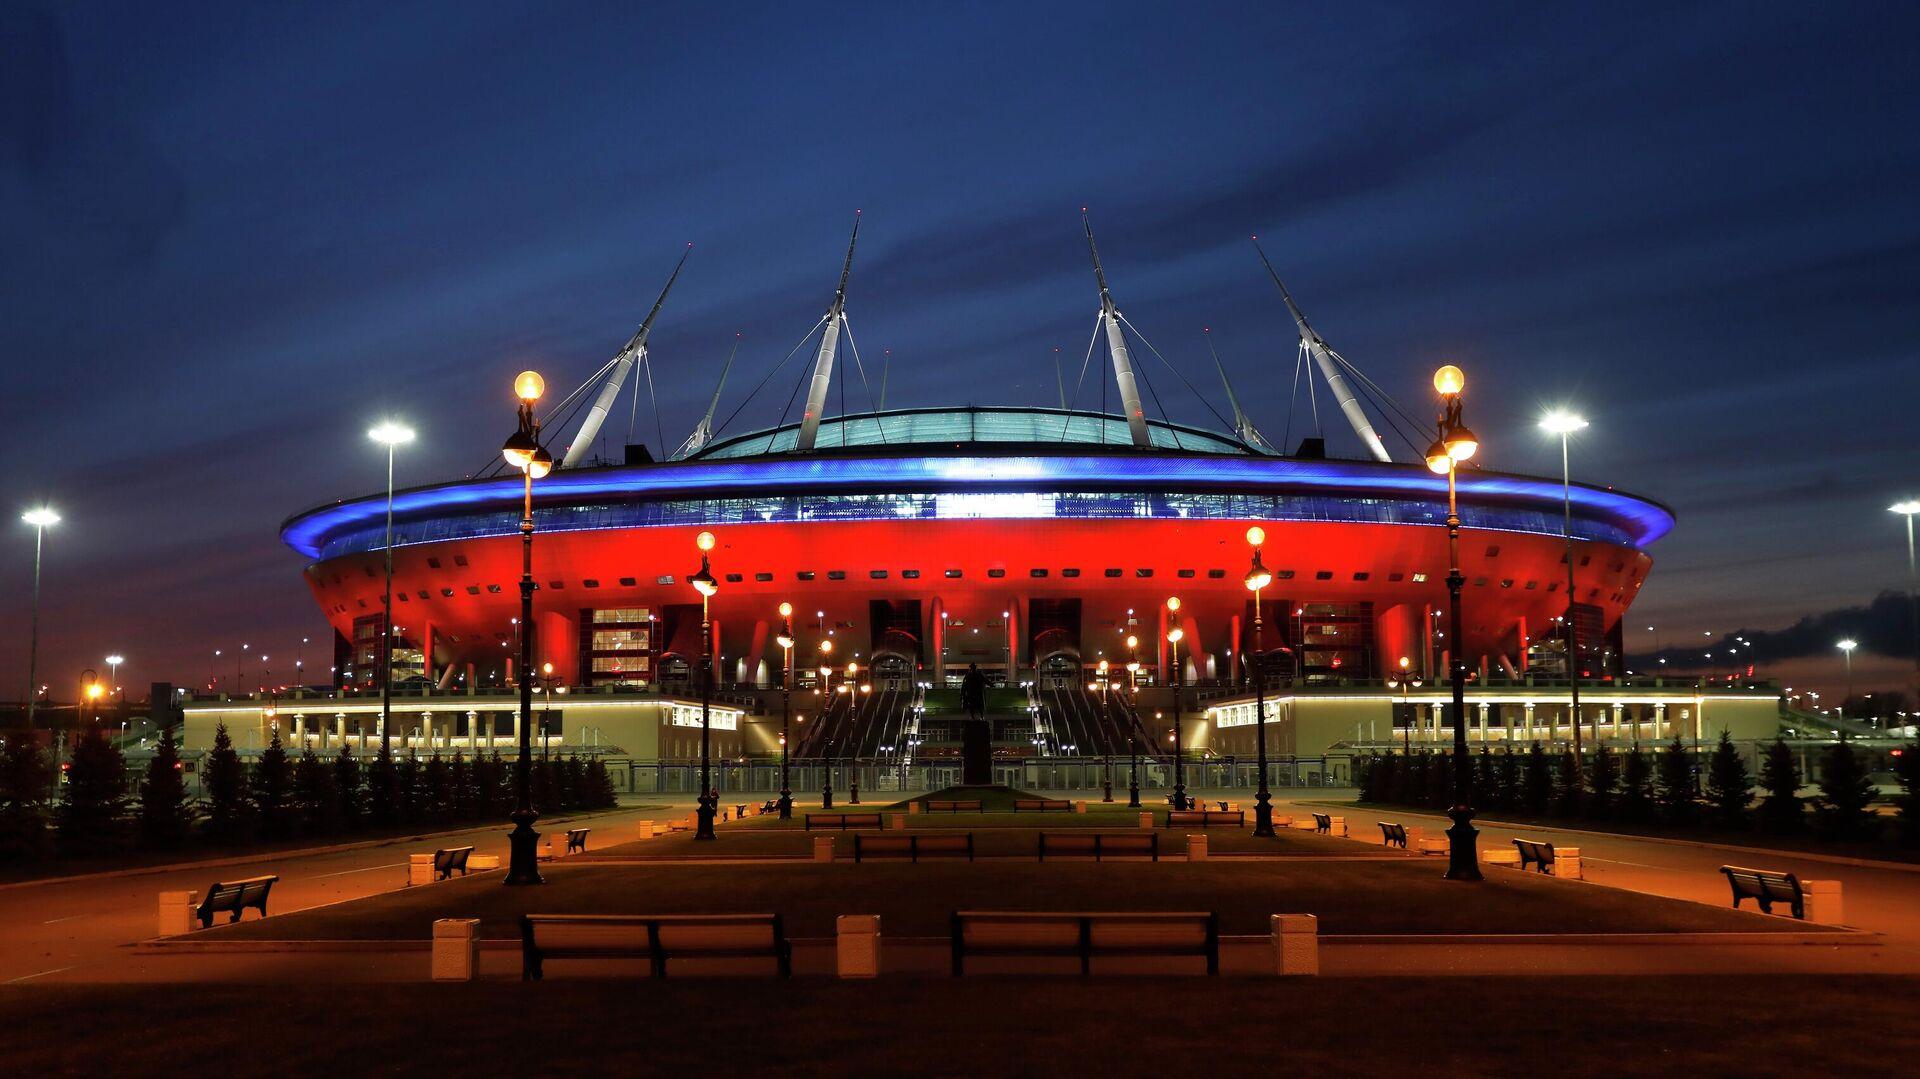 Стадион Арена Санкт-Петербург на Крестовском острове - РИА Новости, 1920, 31.03.2021